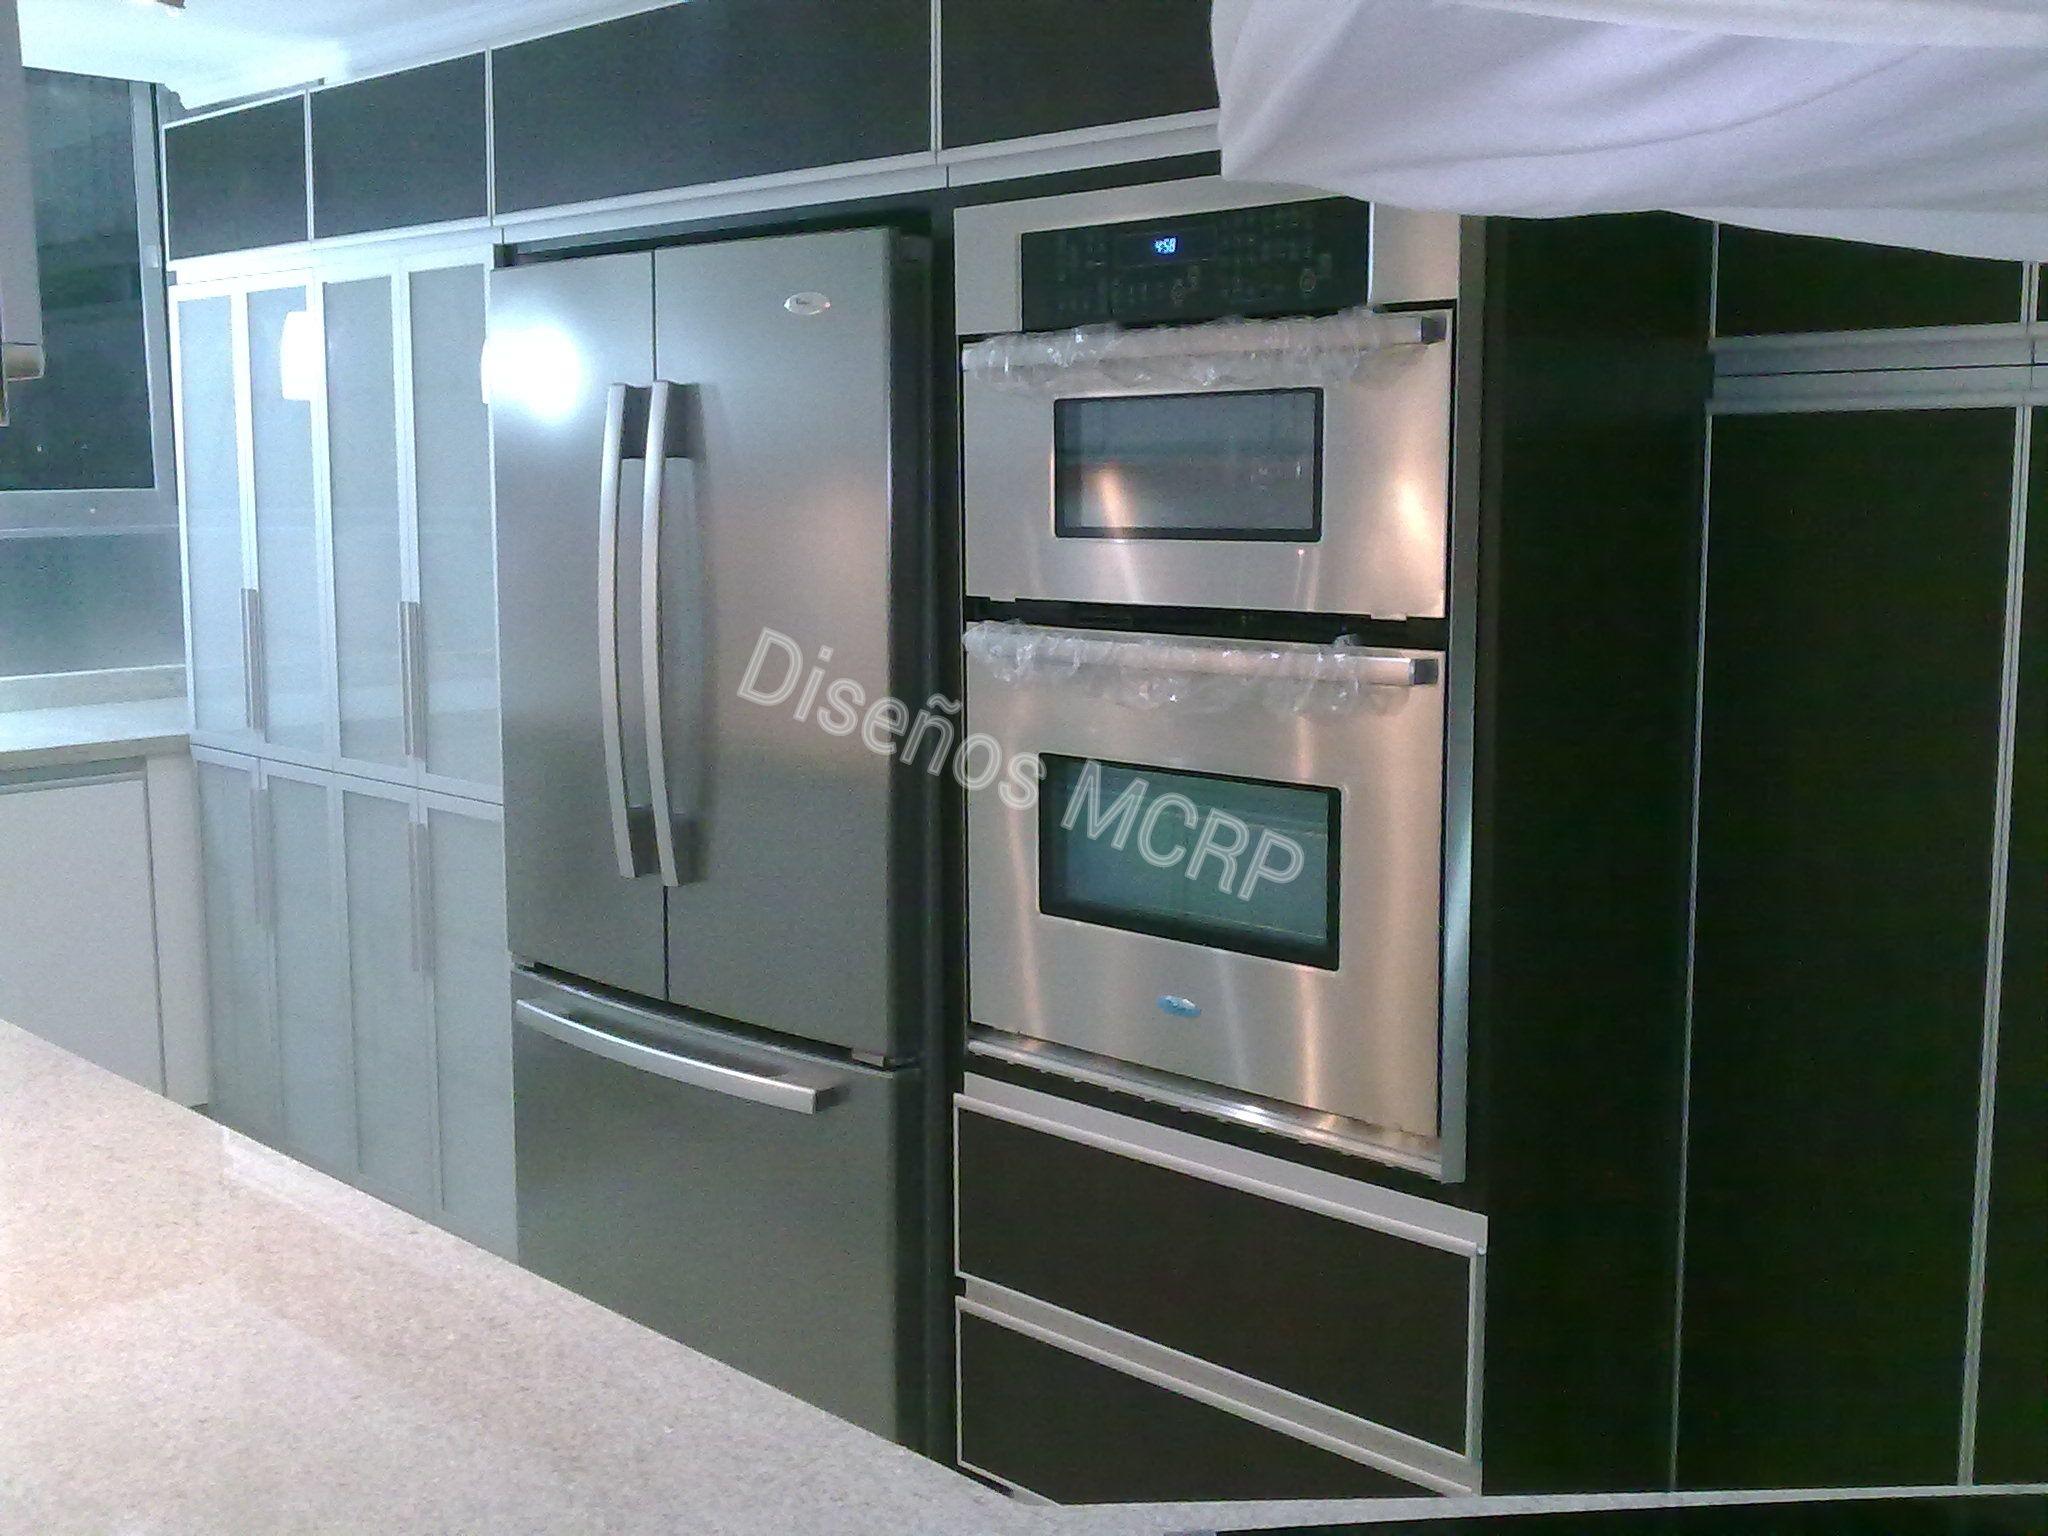 Cocina seg n dise o rea de horno y microondas nevera y for Mueble para encastrar horno y encimera